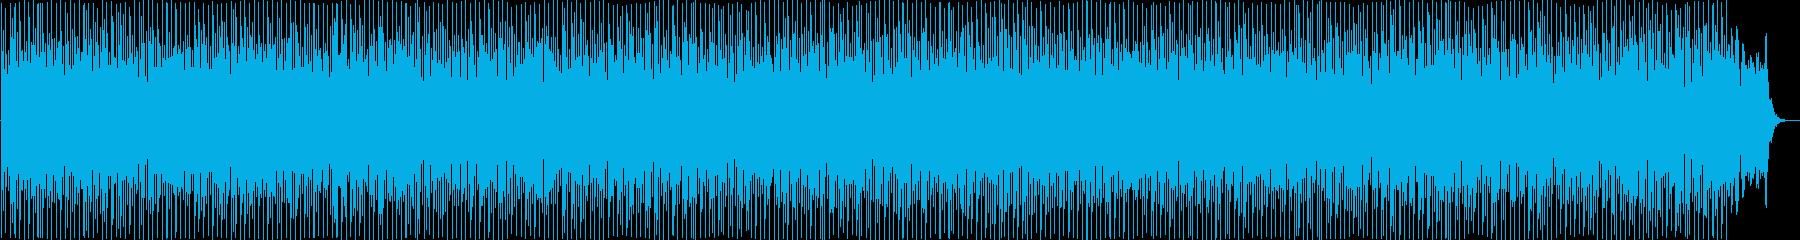 鐘の音の弾むようなポップス曲の再生済みの波形